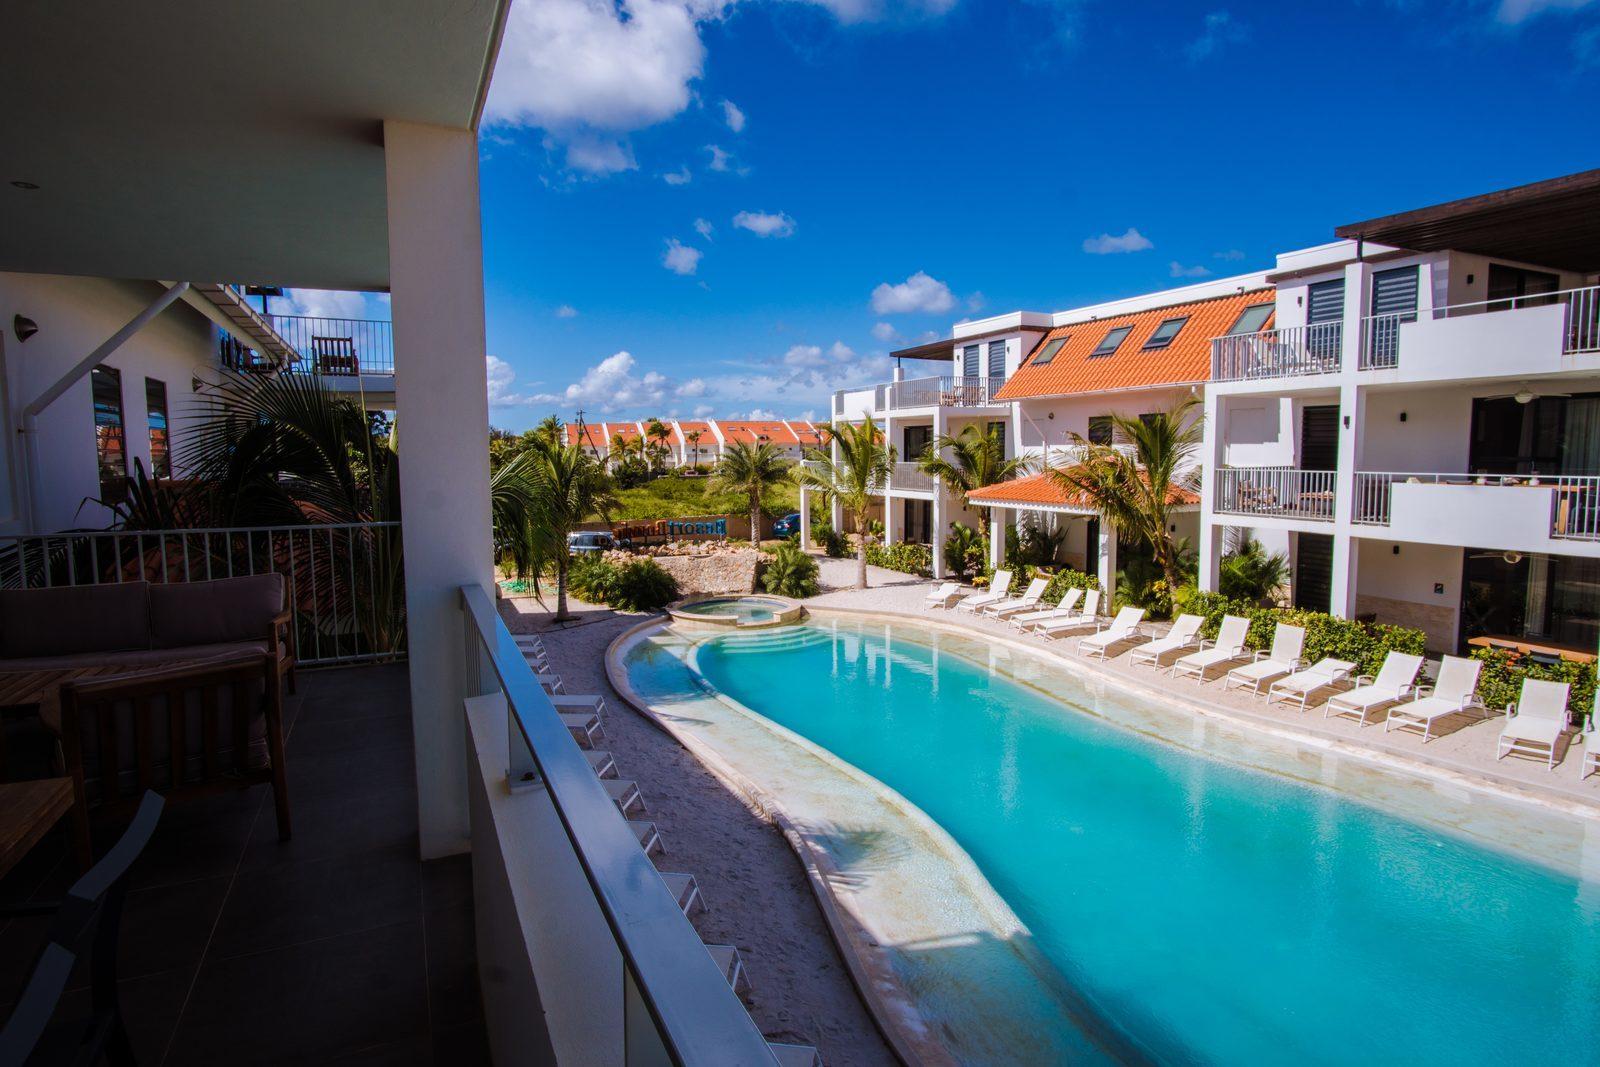 Tous les appartements du Resort Bonaire disposent d'une terrasse qui donne sur la piscine.